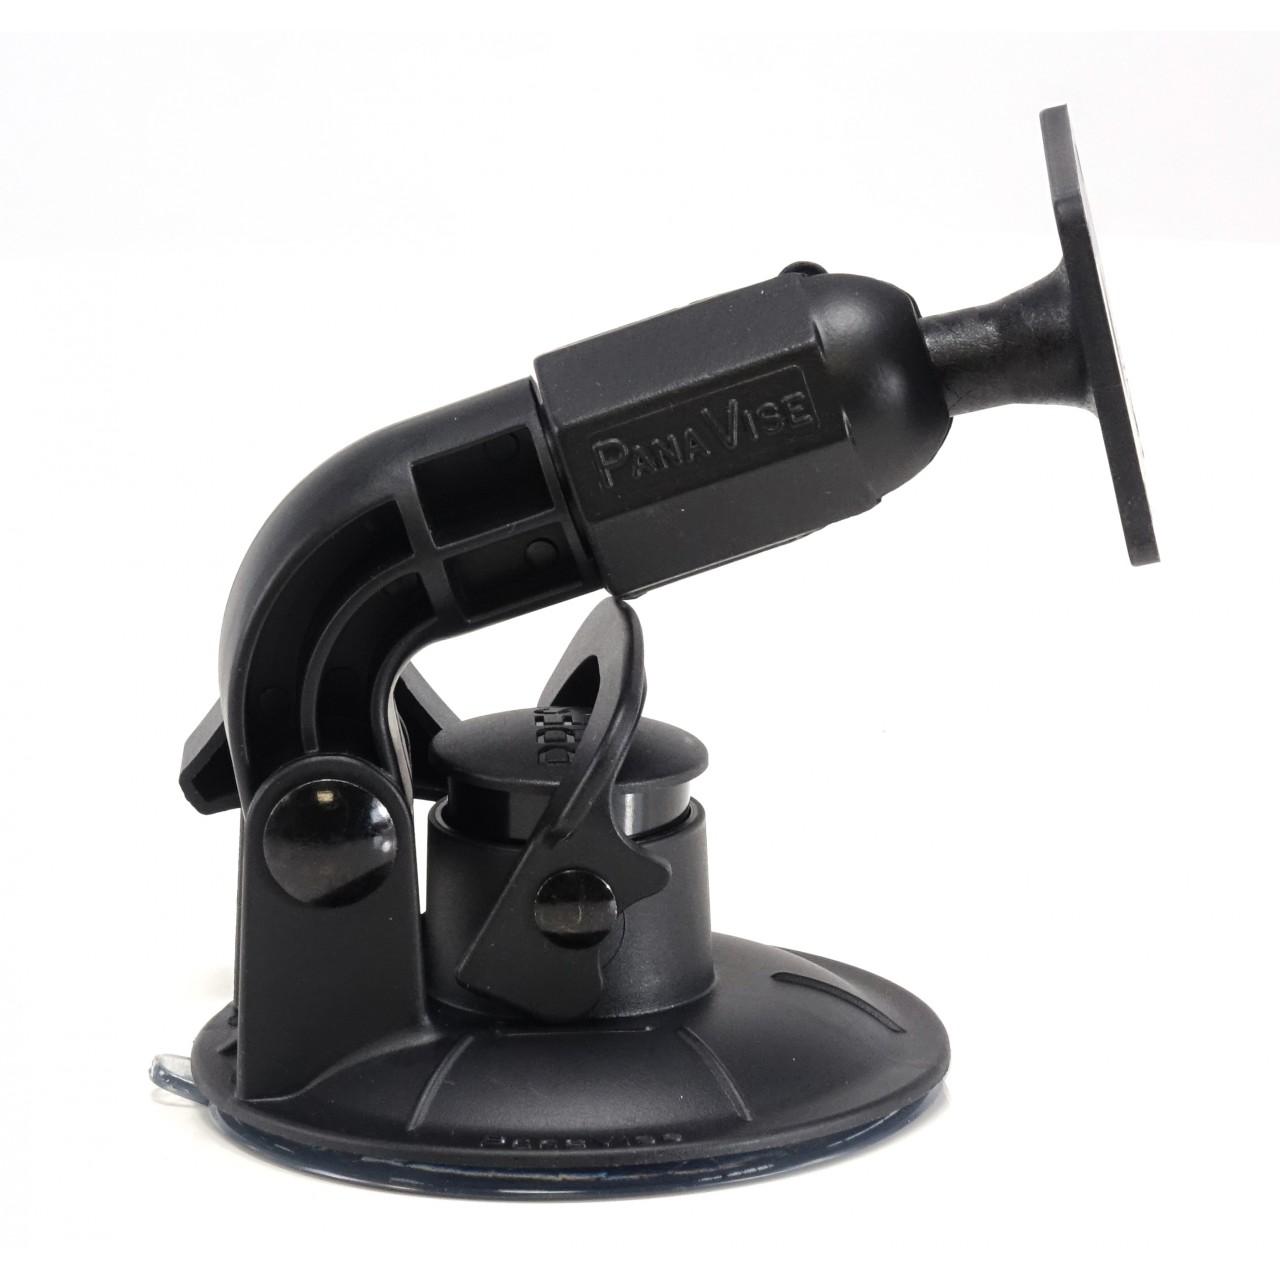 Support à ventouse pour chargeur BC-247, plaque de montage au standard AMPS